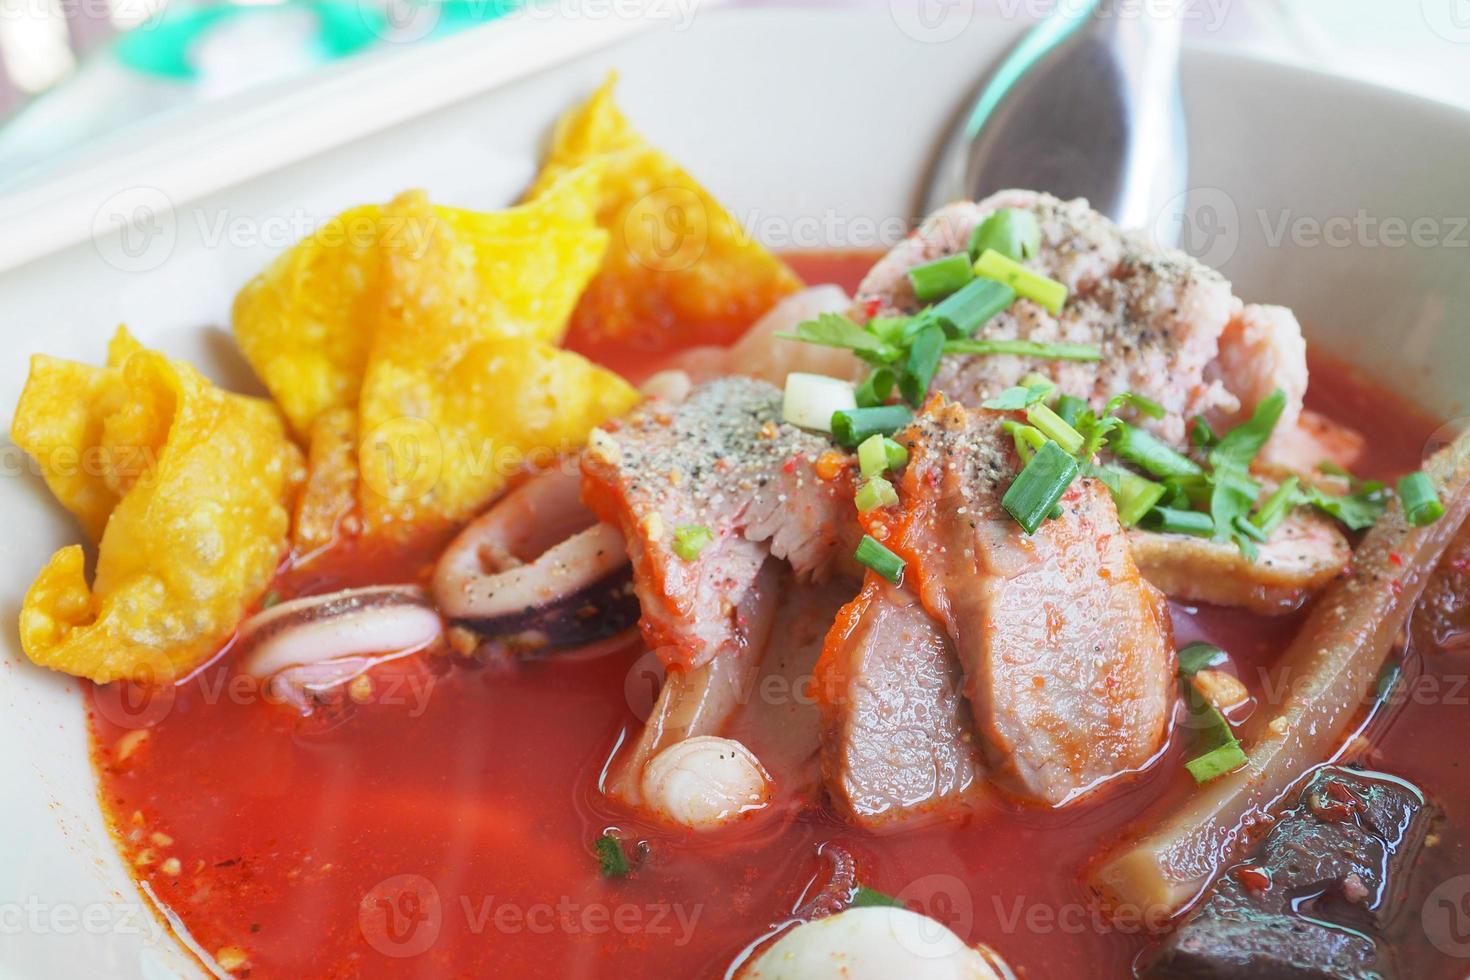 nouilles au porc croustillant wonton photo